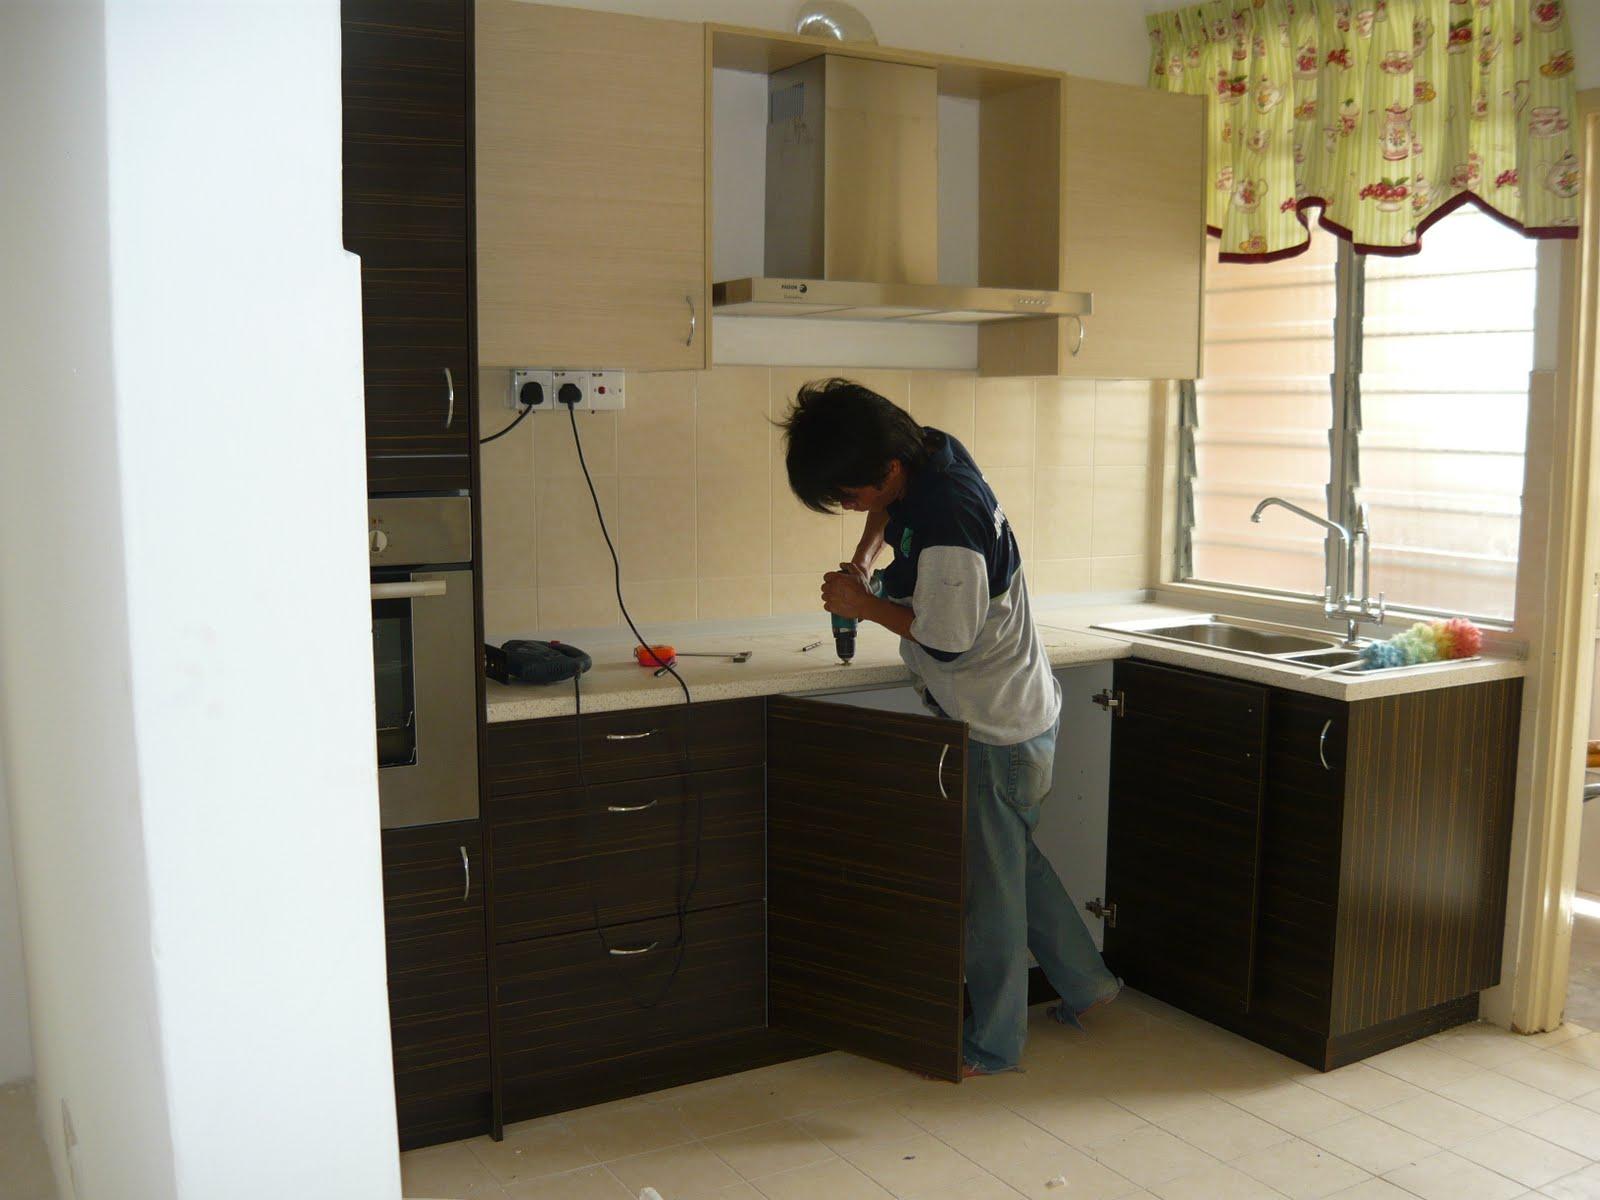 Kitchen Cabiyang telah 'berisi'